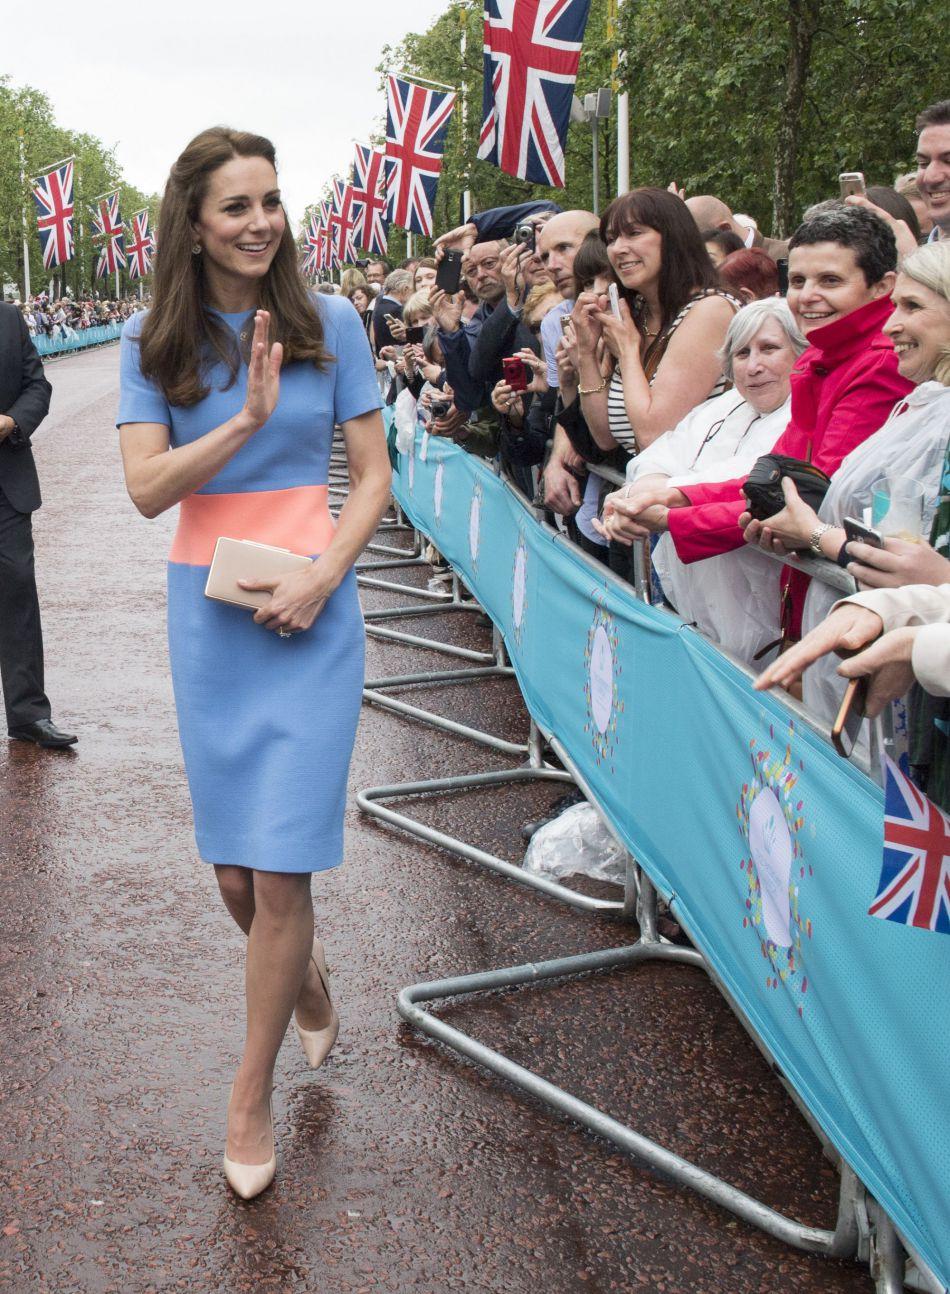 """Lors du """"Patron Lunch"""", Kate Middleton, radieuse dans sa robe bleue, est allée saluer les convives sur la grande avenue, """"The Mall""""."""